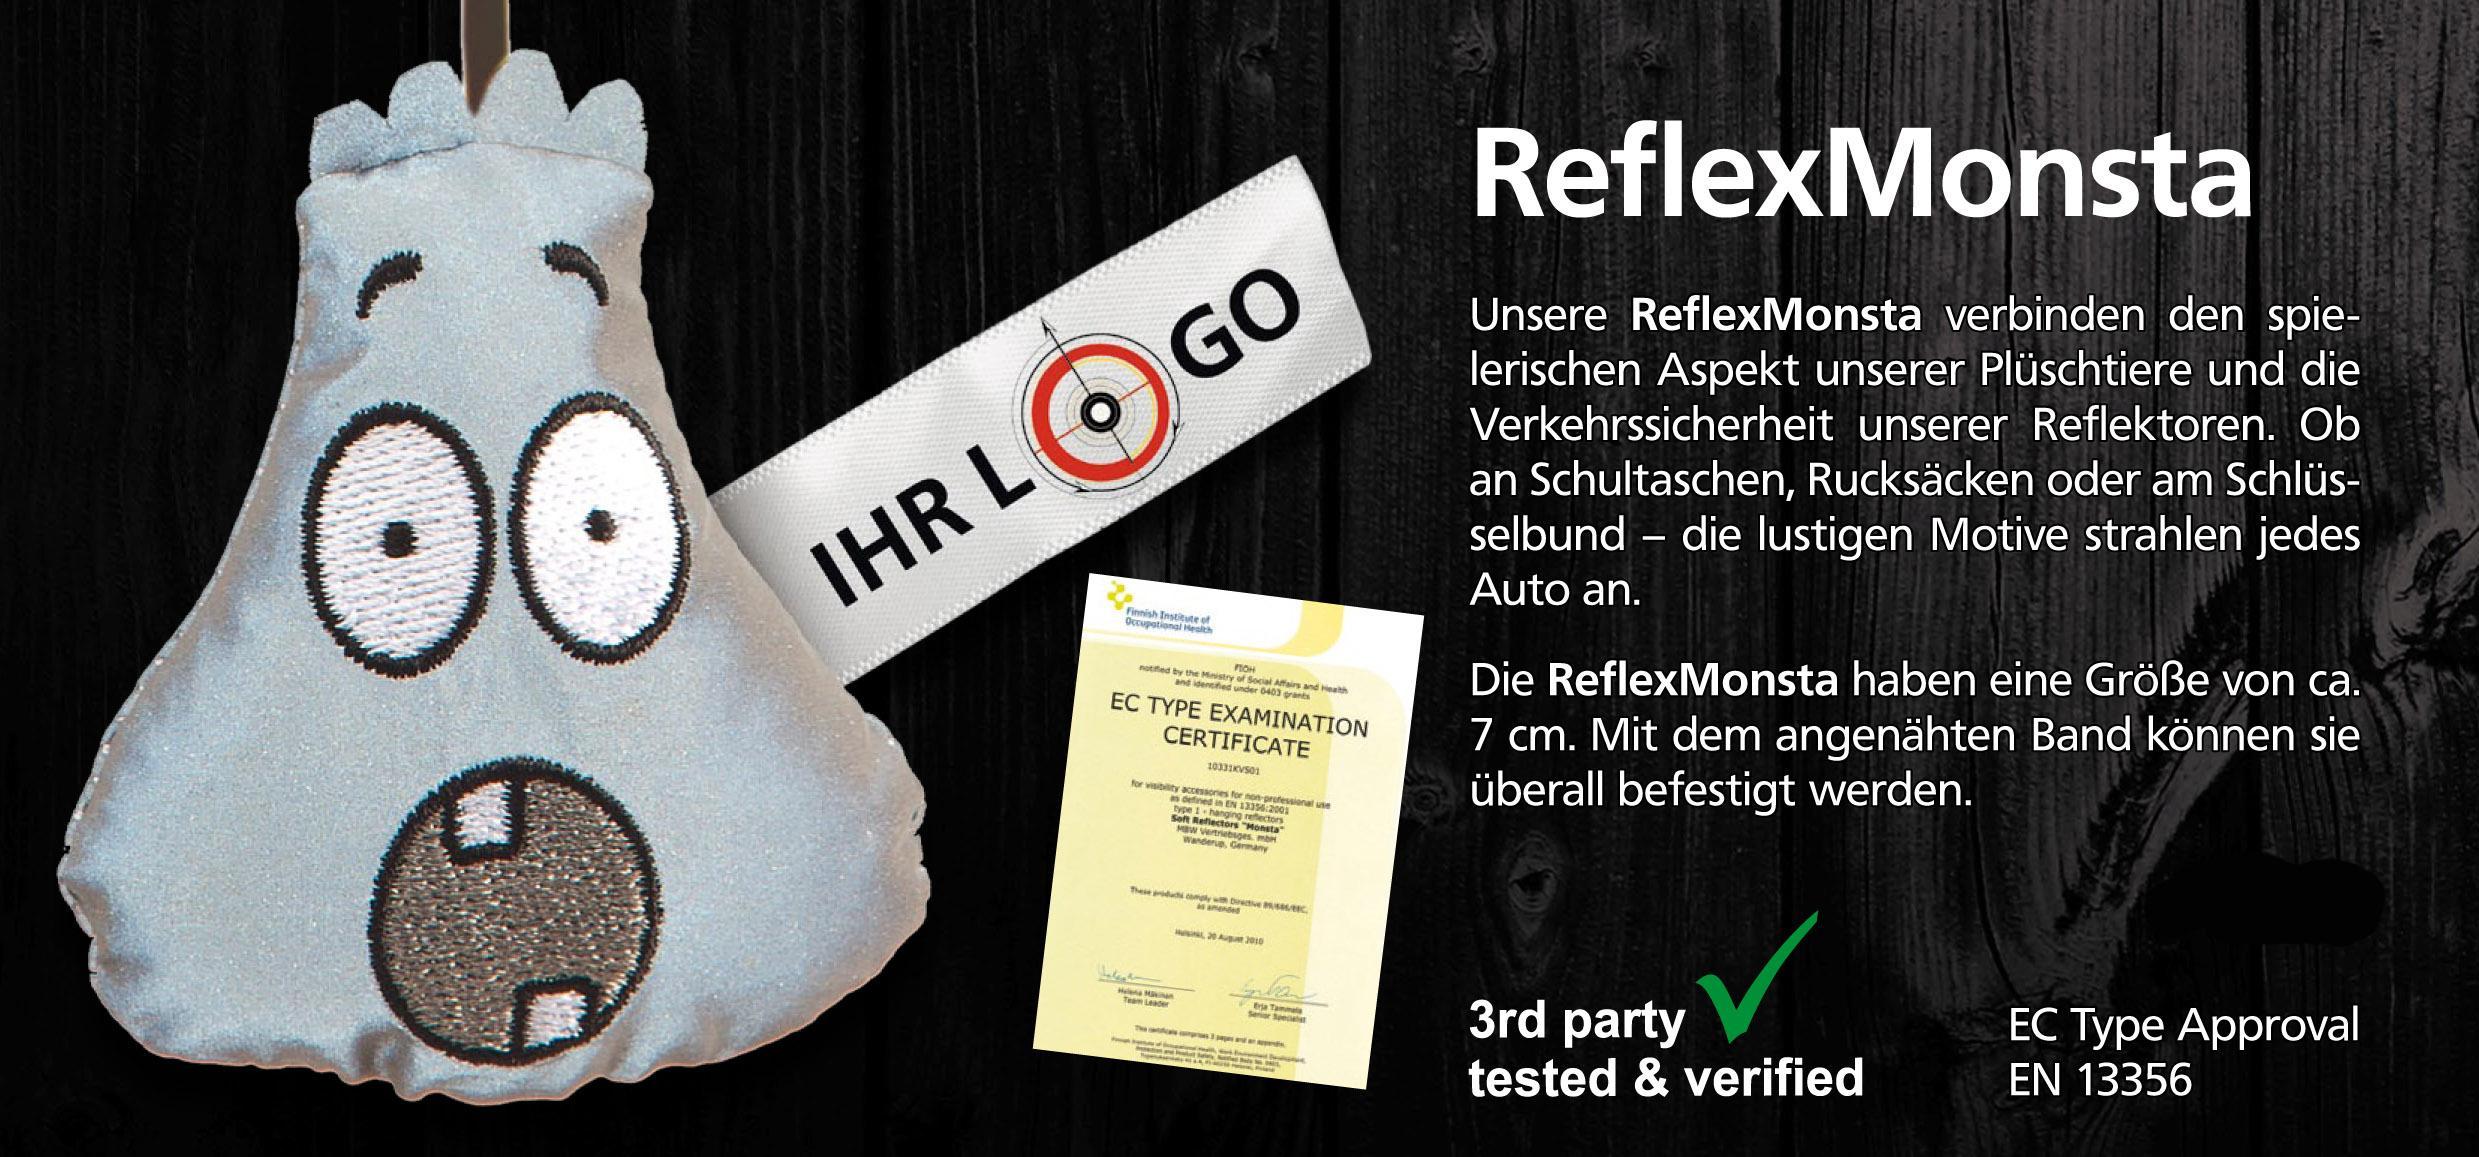 Reflex-Monsta, Reflektierend, Lichtreflekt, Lichtreflektion, Schultasche, Schlüsselanhänger